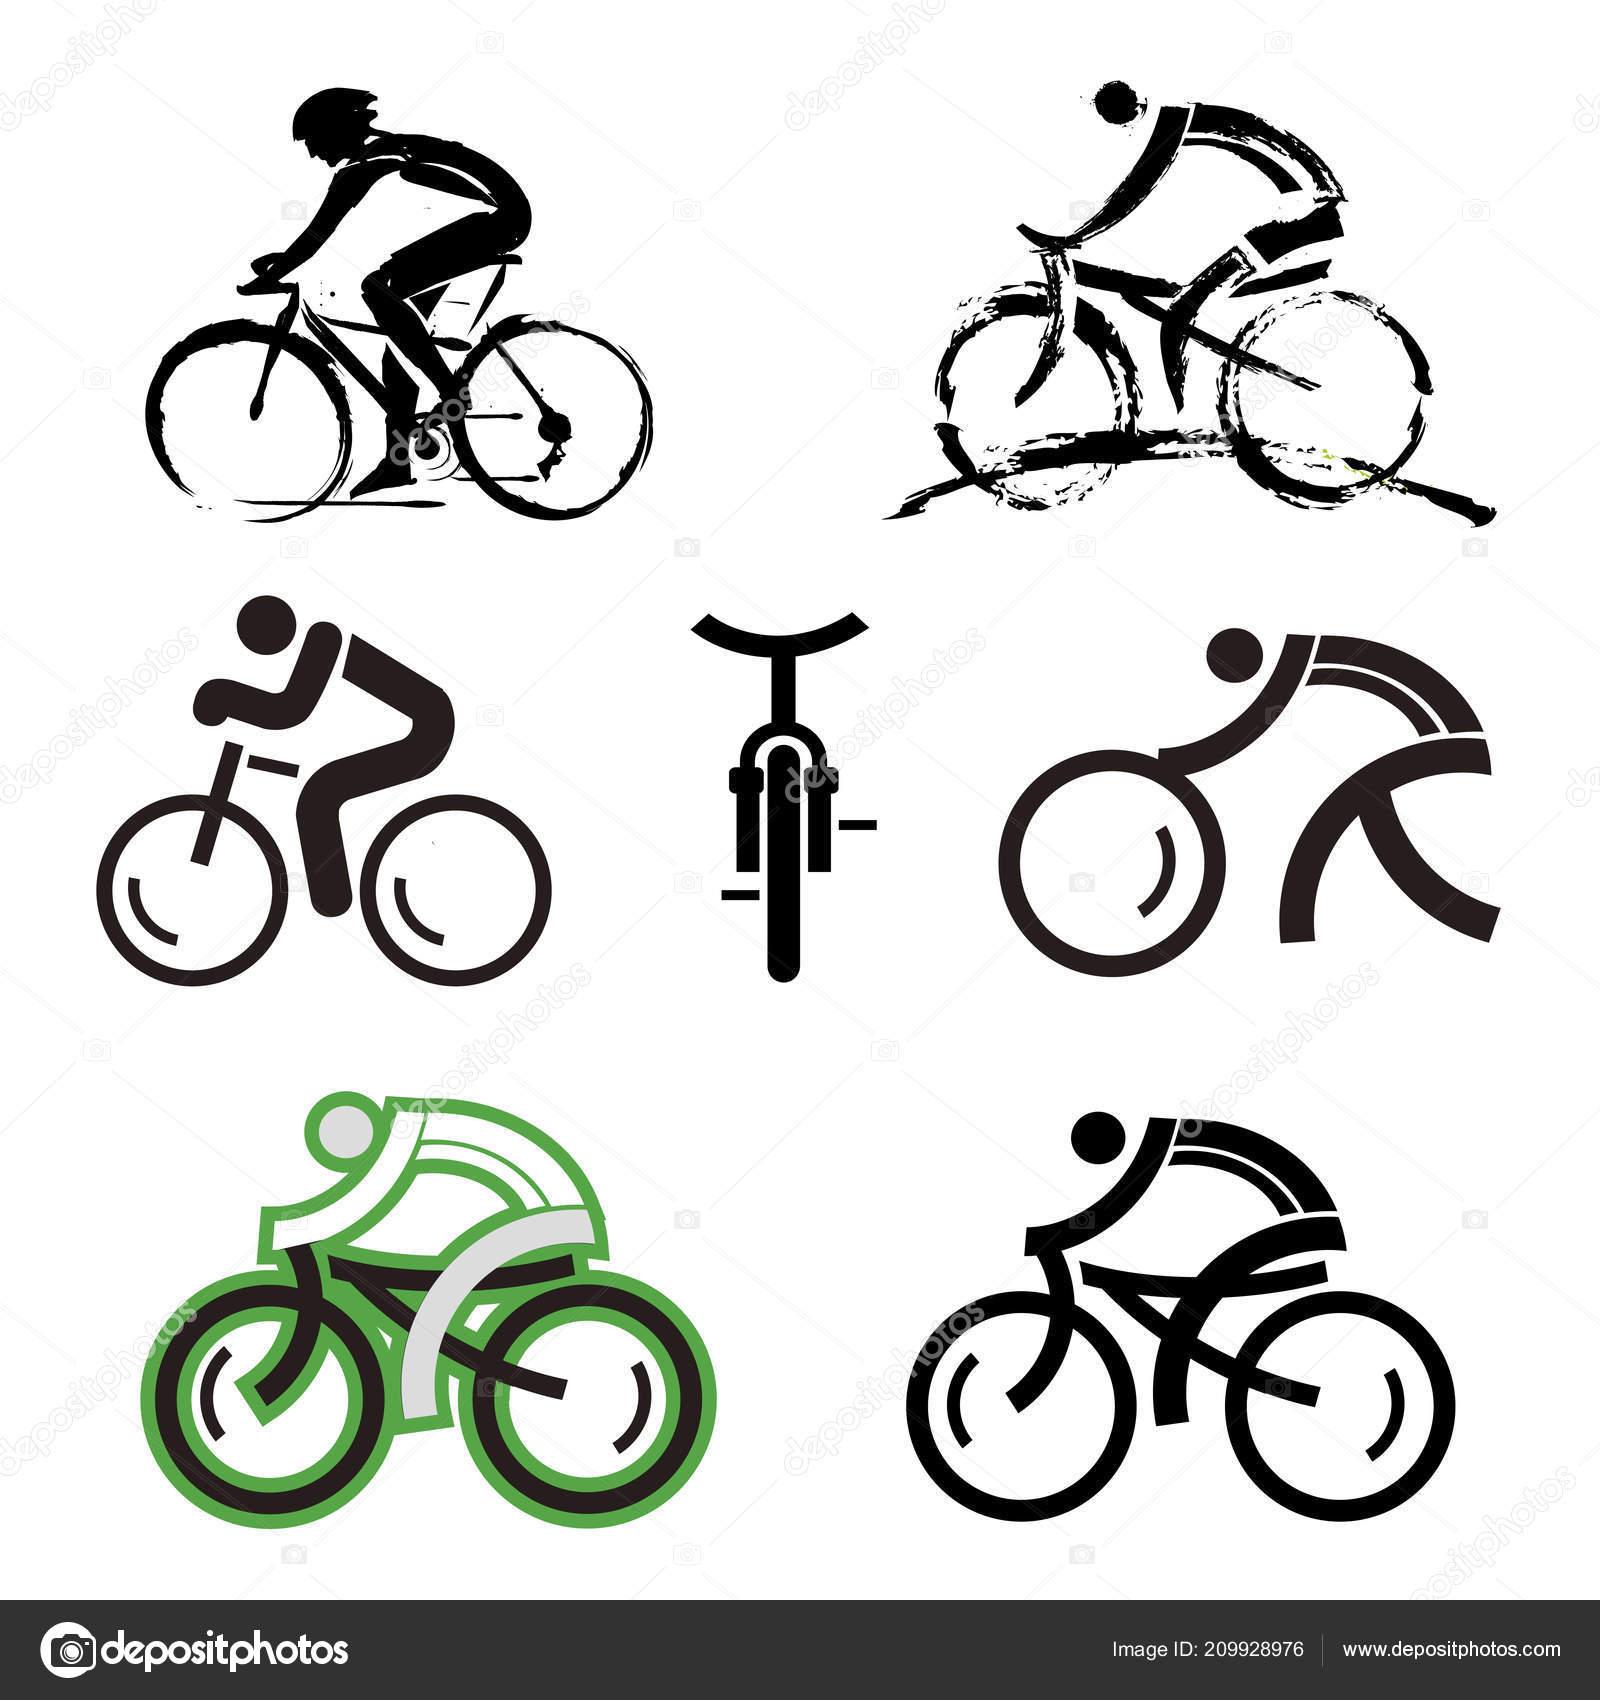 Vettore Icone Ciclismo Icone Biciclette Expressive Geometria